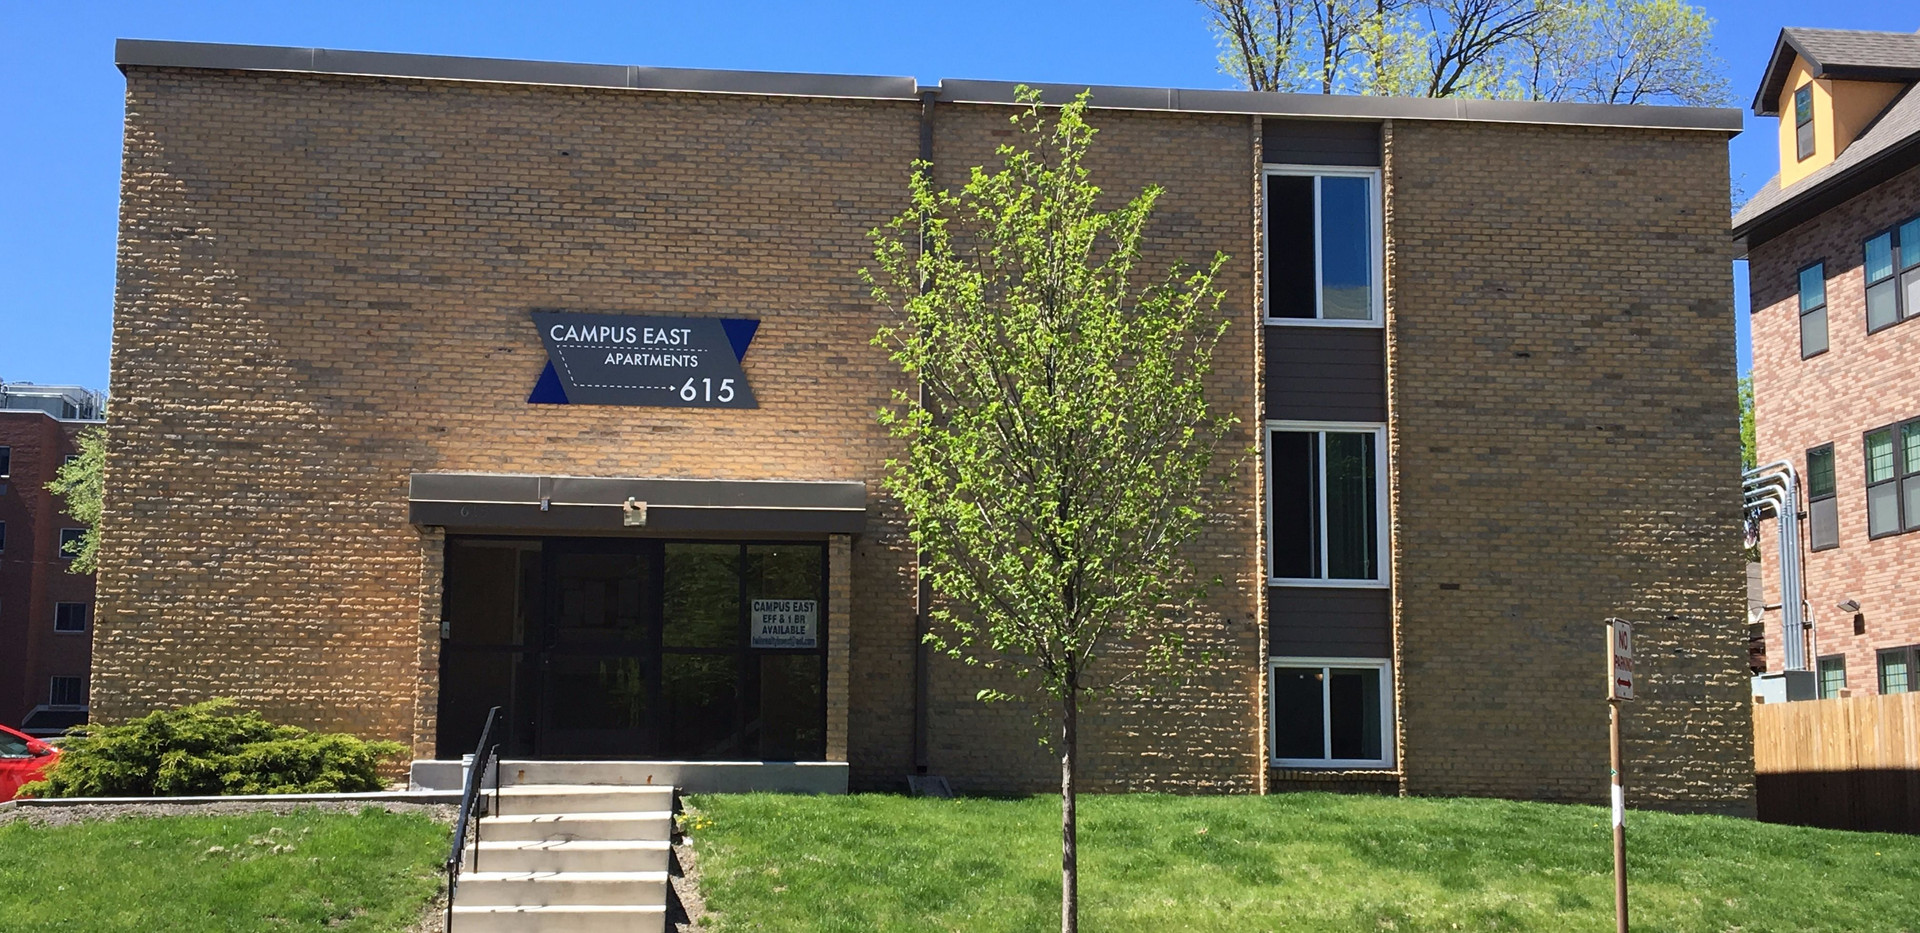 Campus East Exterior